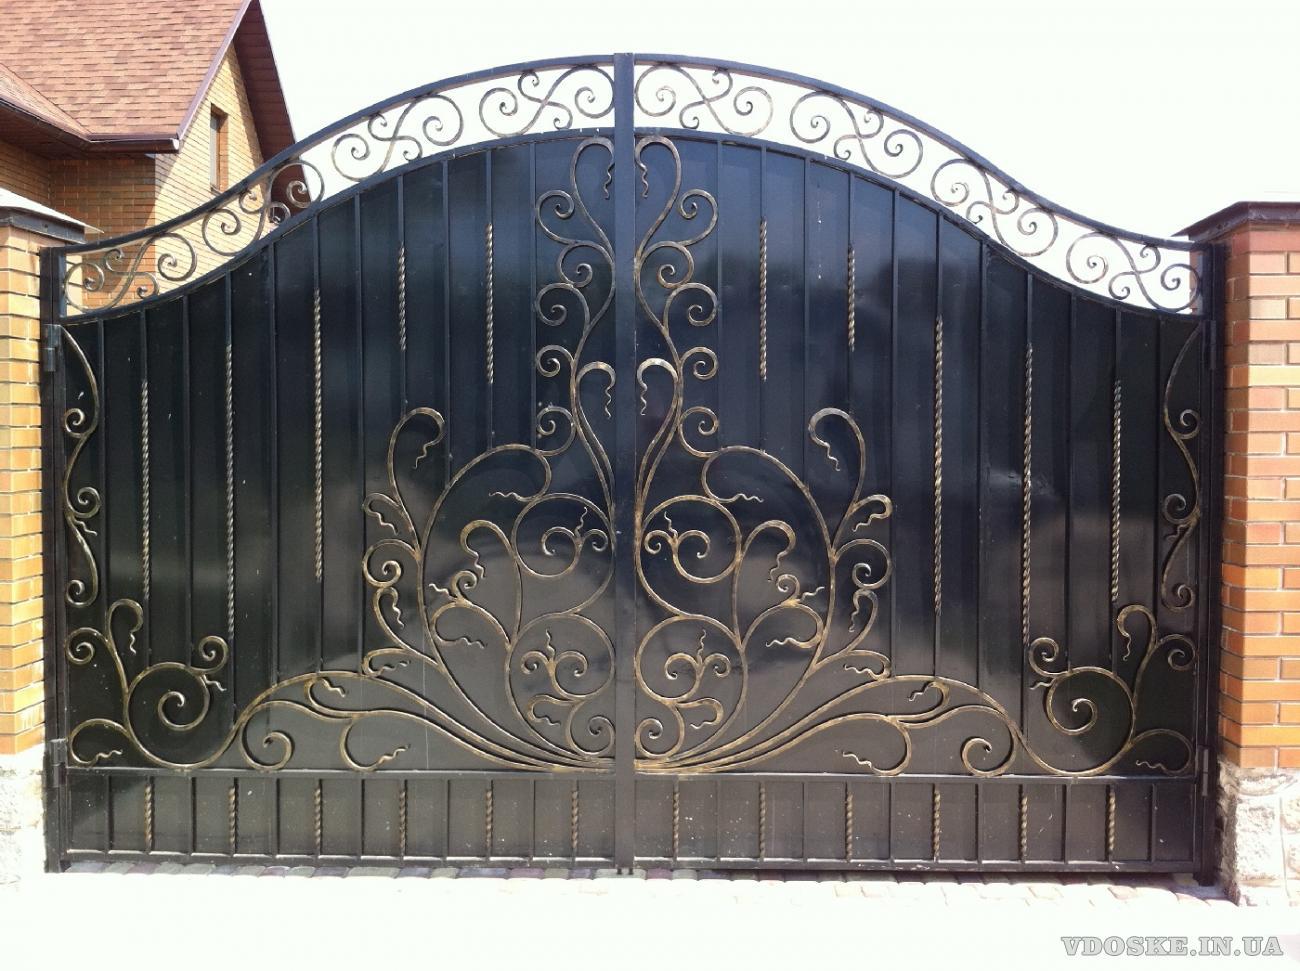 Кованые ворота, заборы  Полтава. Художественная ковка